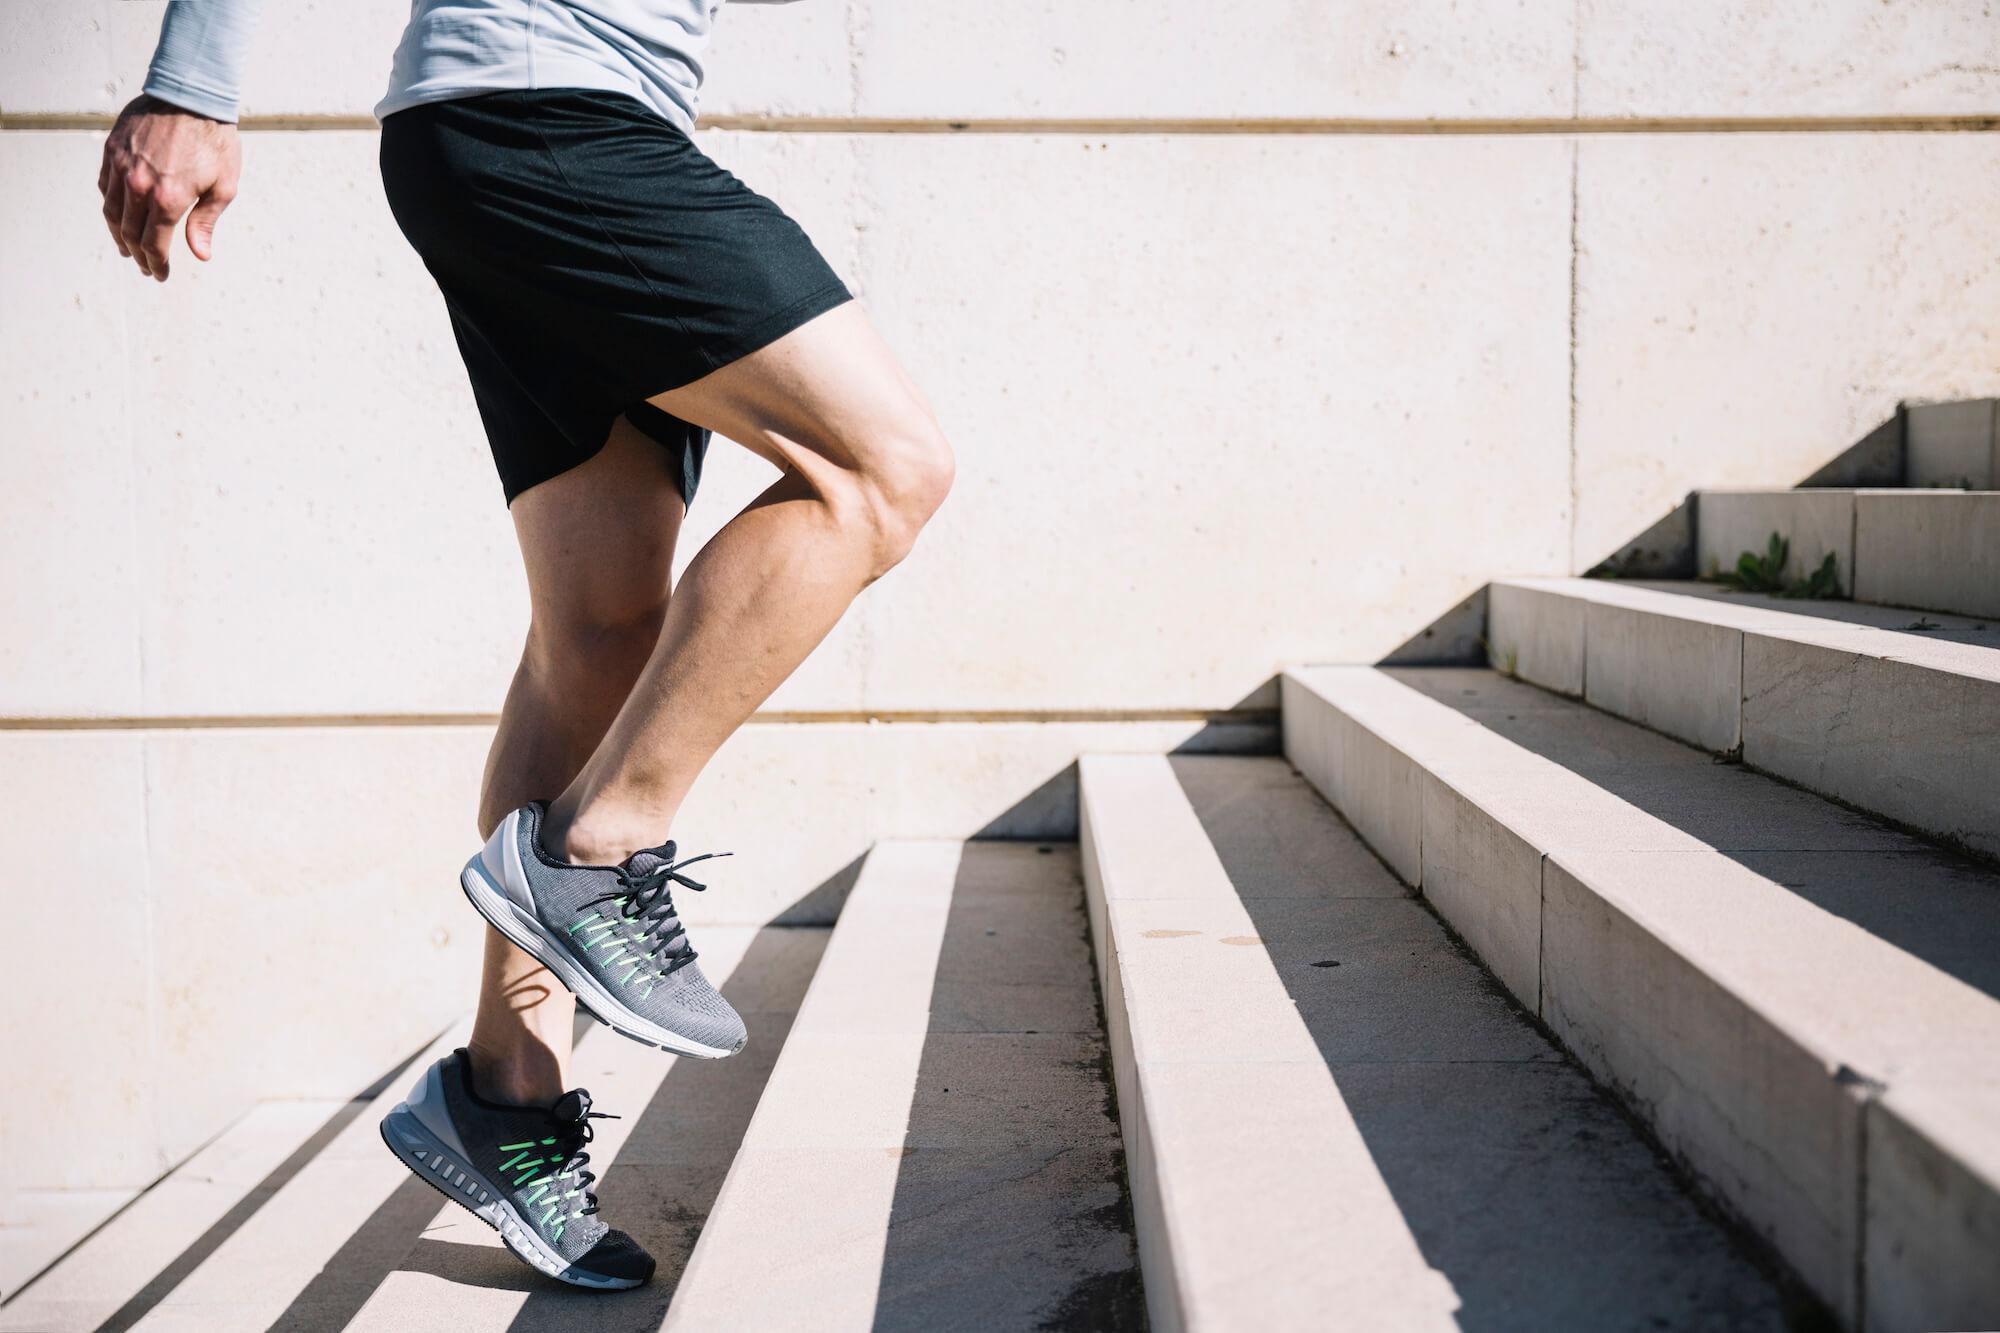 Prendre soin de son corps : Monter les escaliers